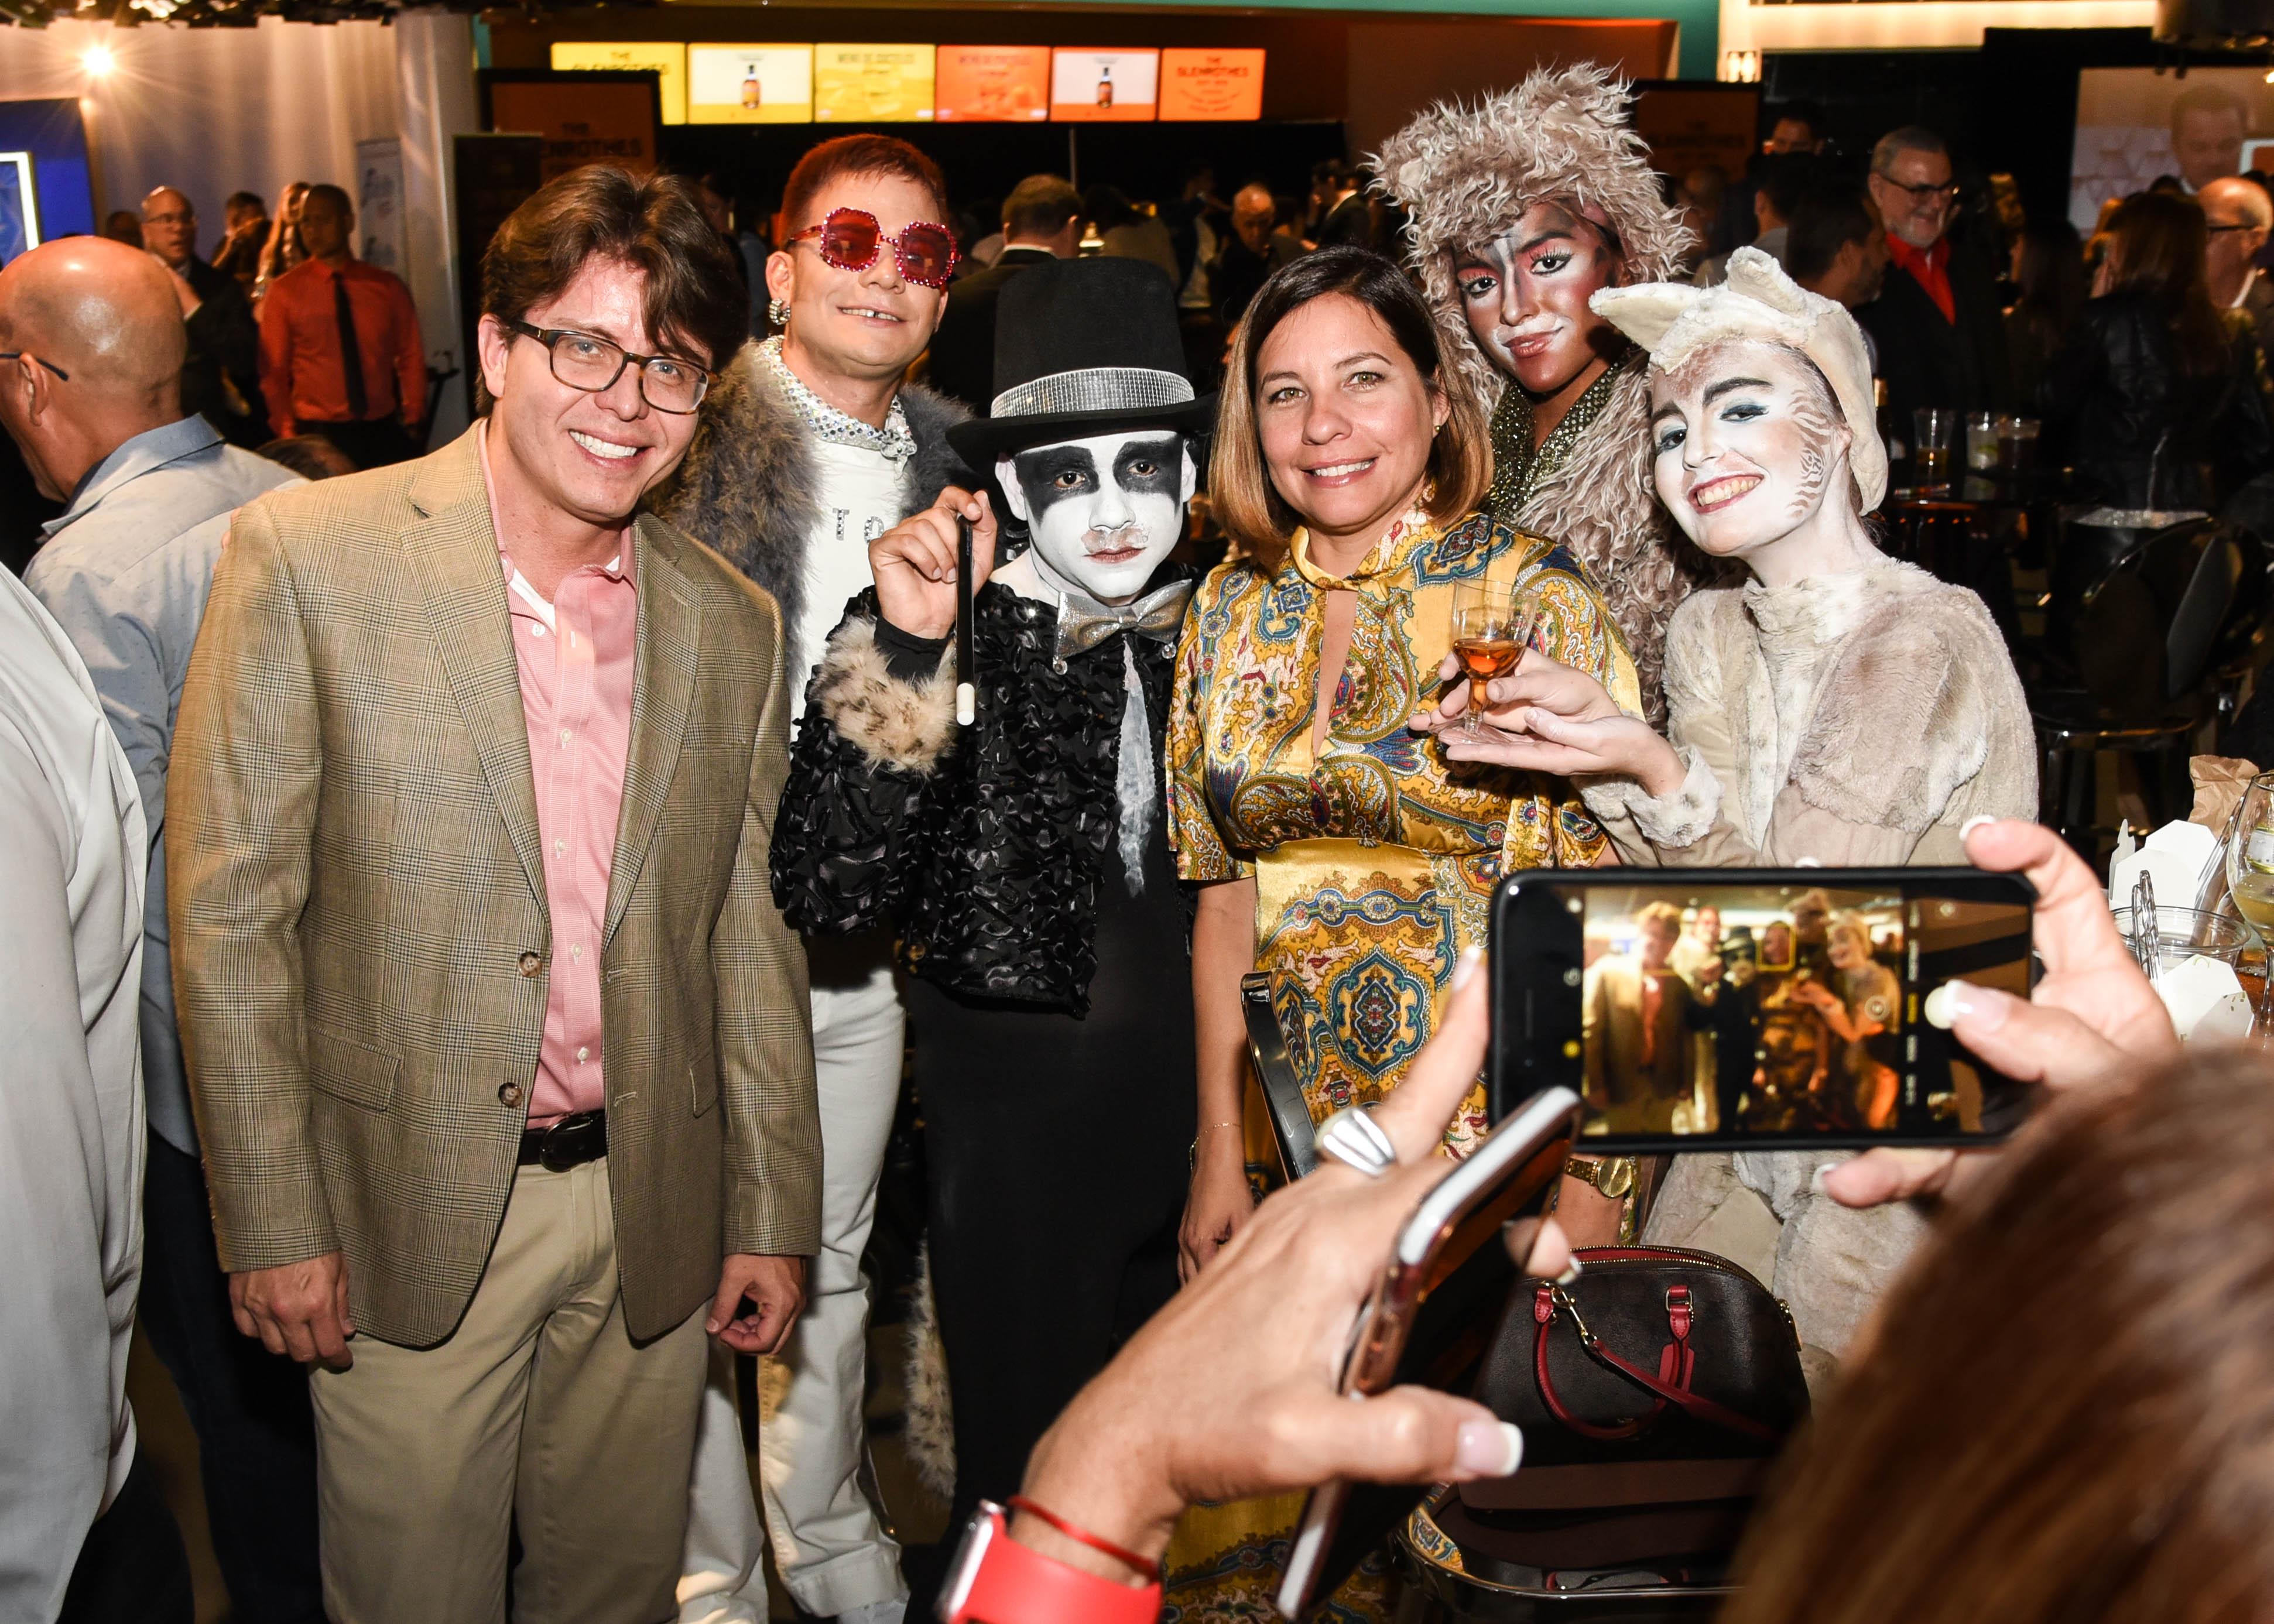 Edinson Camargo e Ivonne Vélez se hacen una foto con personajes de las películas Cats y Rocketman. (Enid M. Salgado)